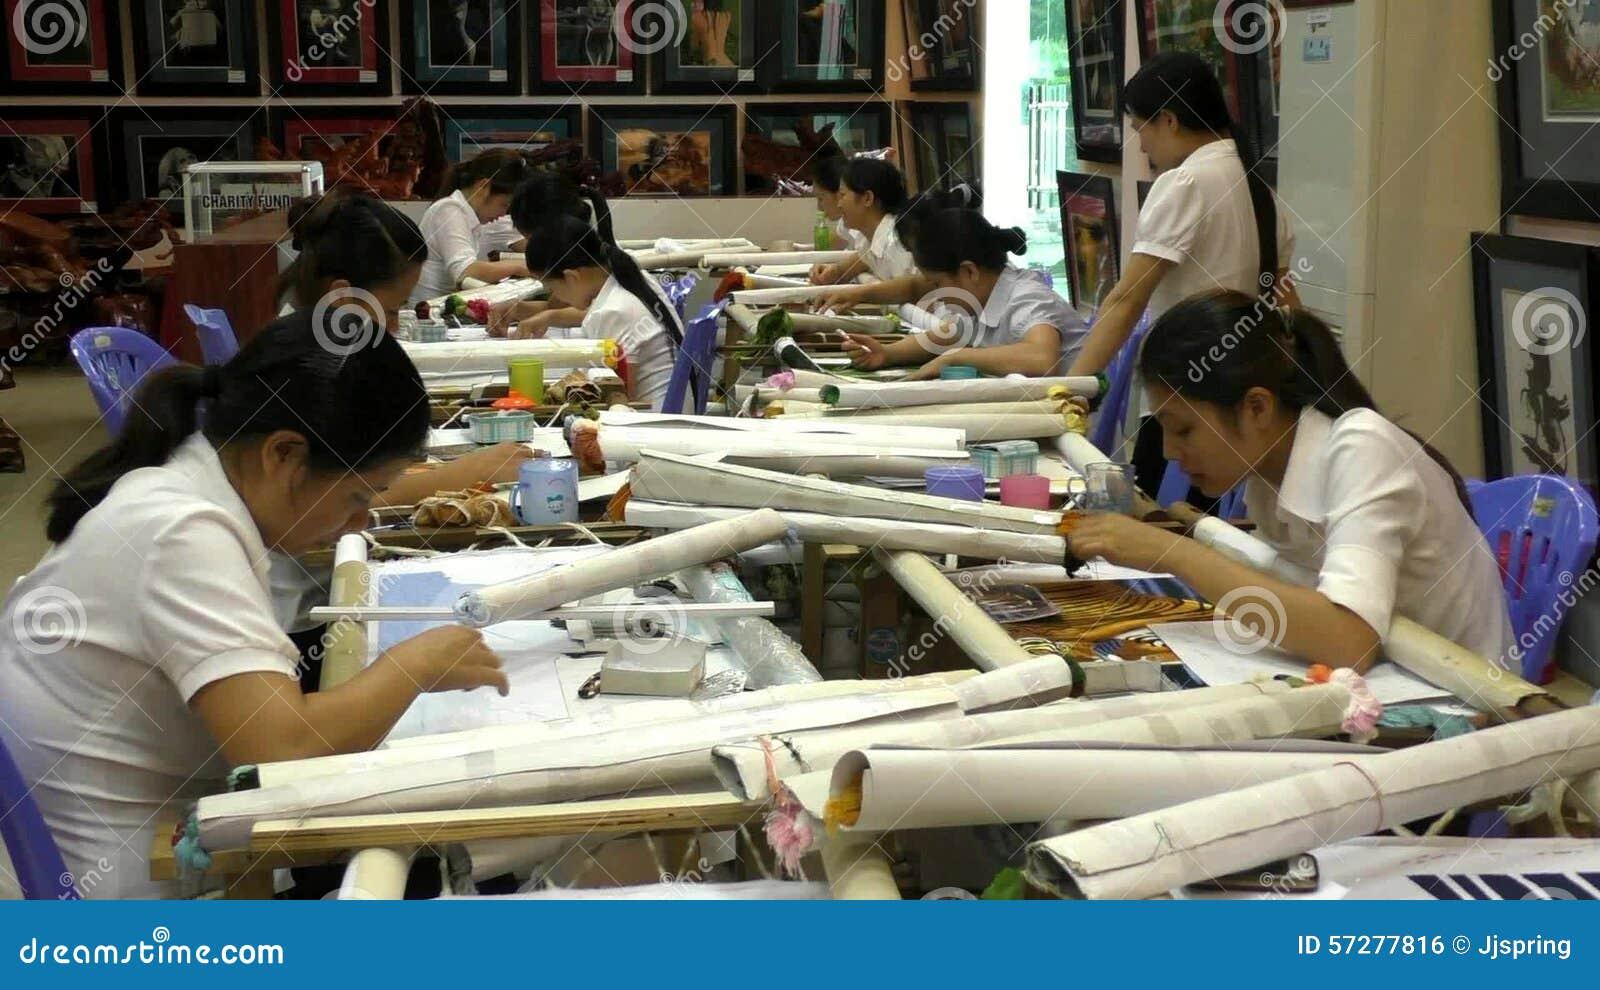 Vietnamese Women work at the garment factory